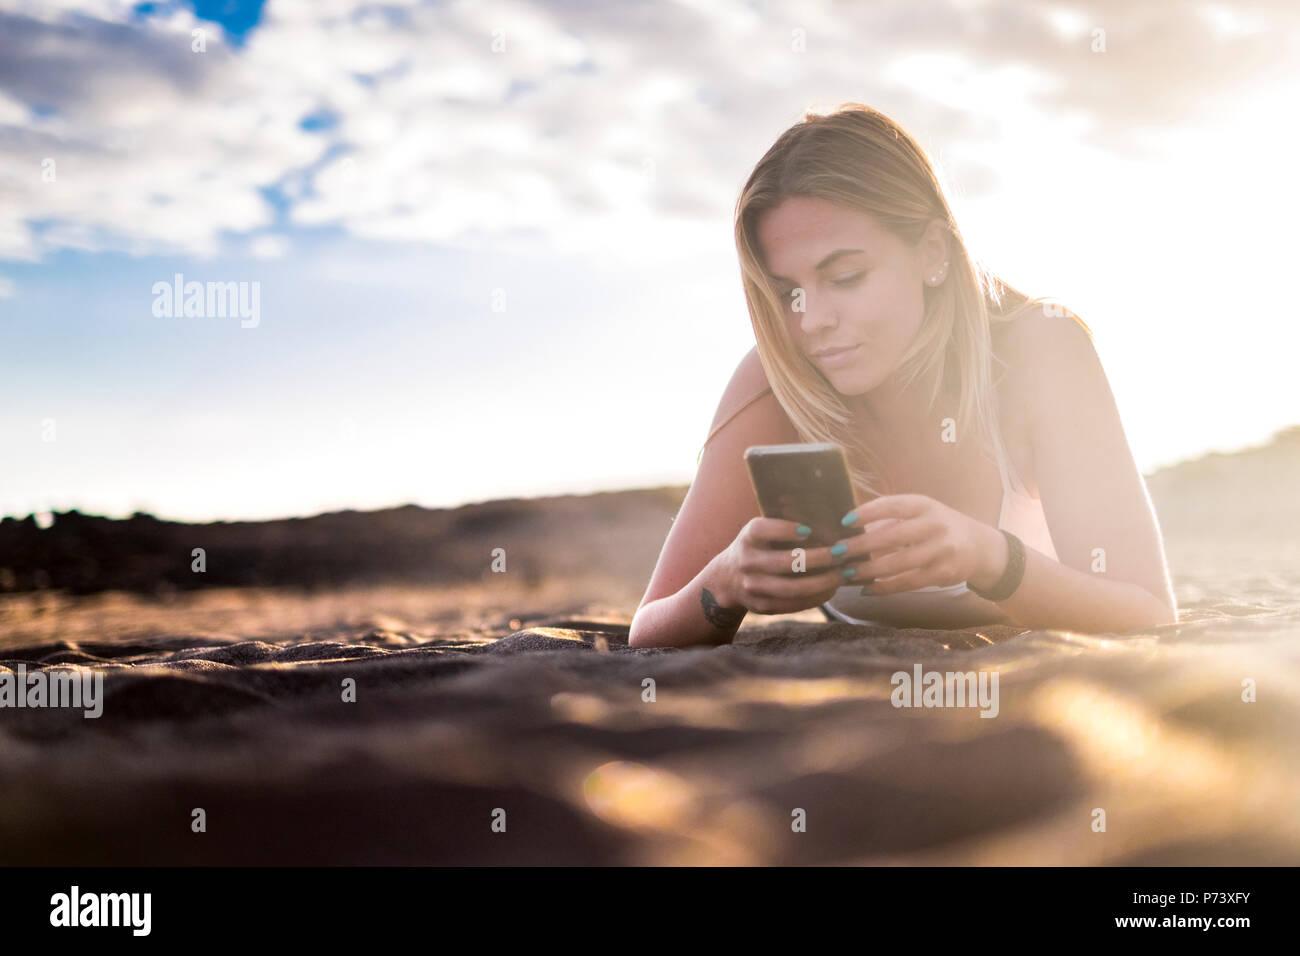 Hermosa joven mujer rubia sentar en la playa de vacaciones La actividad de ocio y estilo de vida utilizando un smartphone para controlar los medios de comunicación social y el uso de interne Imagen De Stock